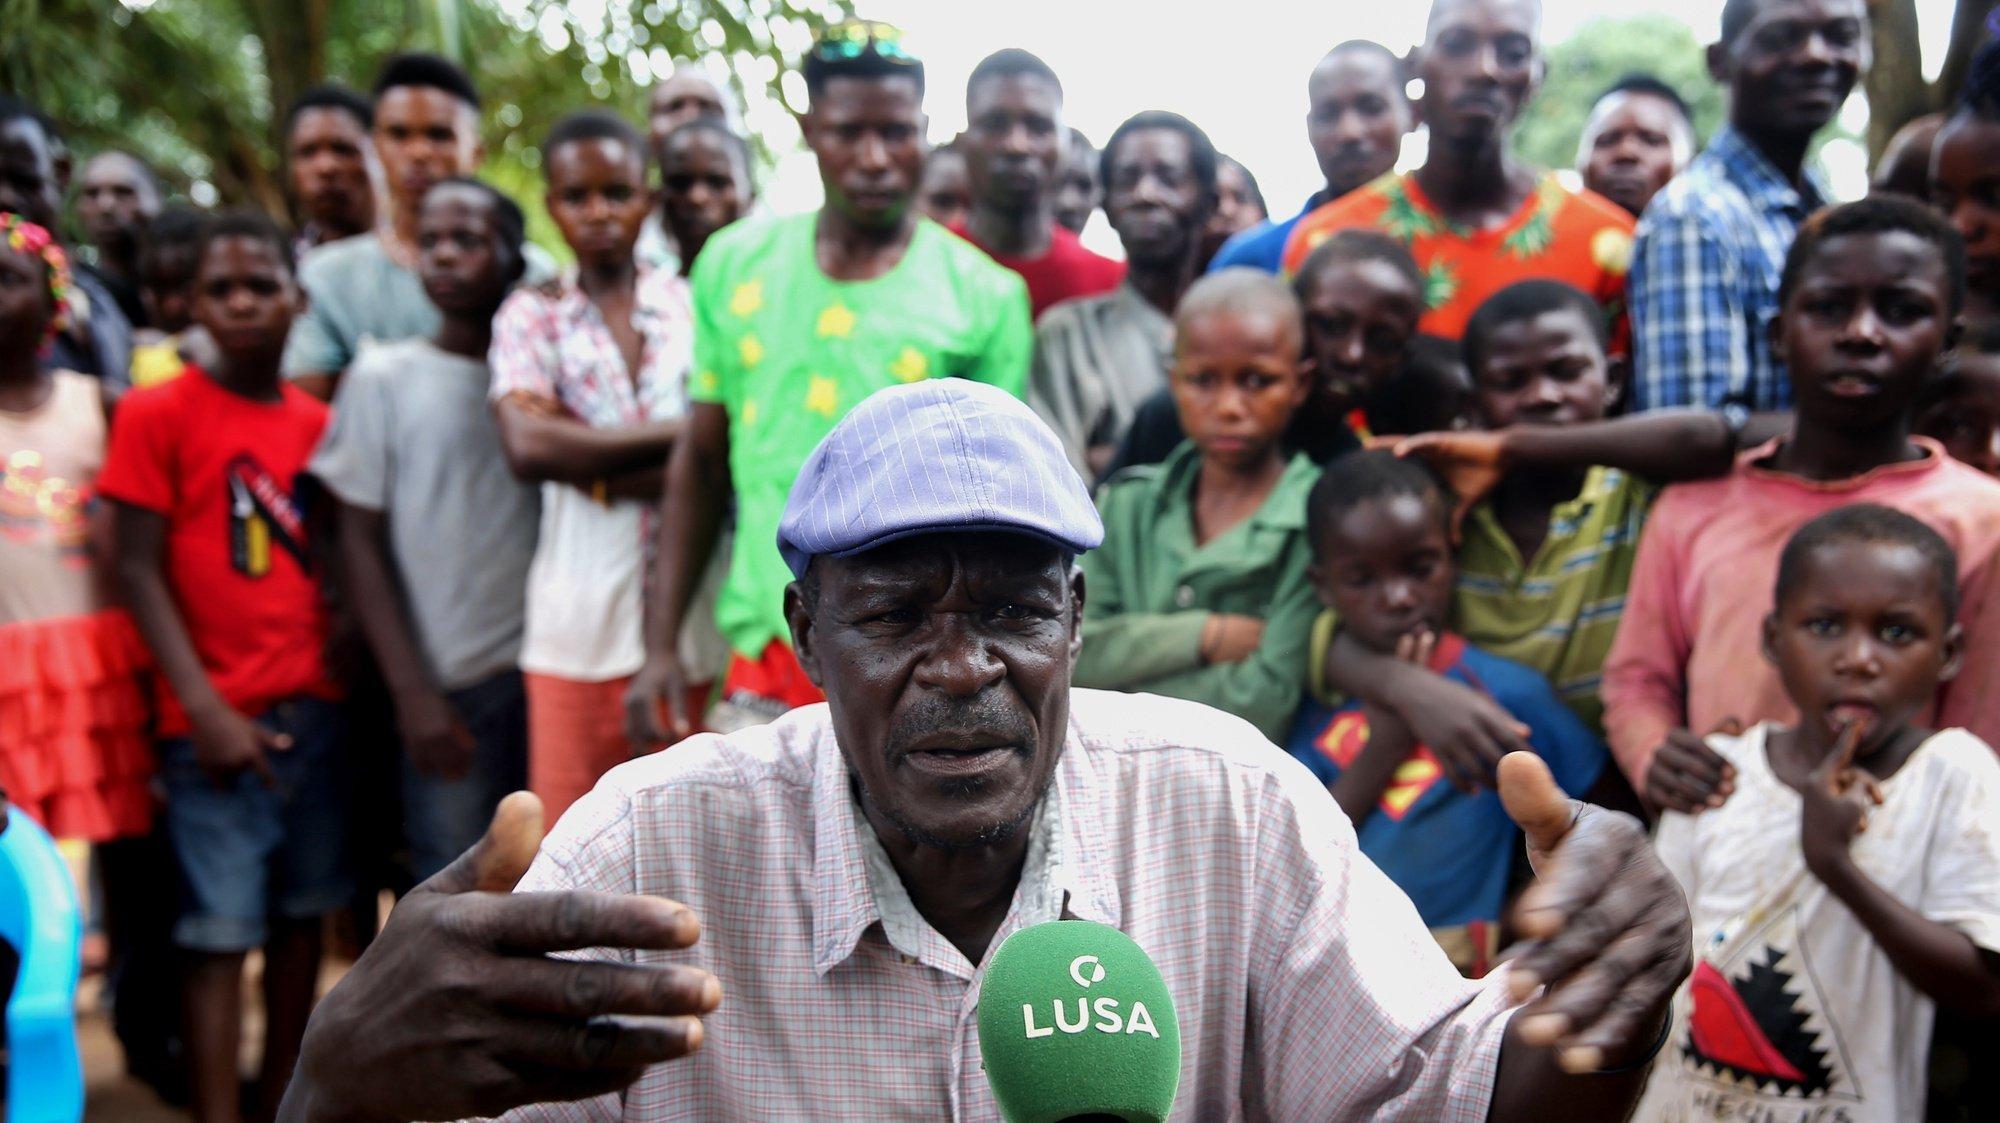 O soba, uma autoridade local em Angola, Afonso Muandumba, fala à agência Lusa sobre a violência ocorrida sábado e que resultou em vários mortos, no Cafunfo, Cuango, Lunda Norte, Angola, 04 de fevereiro de 2021. Os sobas da zona de Cafunfo pedem calma à população, depois da violência ocorrida sábado e que resultou em vários mortos, e afirmam que há estrangeiros envolvidos nos incidentes. (ACOMPANHA TEXTO DA LUSA DO DIA 05 DE FEVEREIRO DE 2021). AMPE ROGÉRIO/LUSA